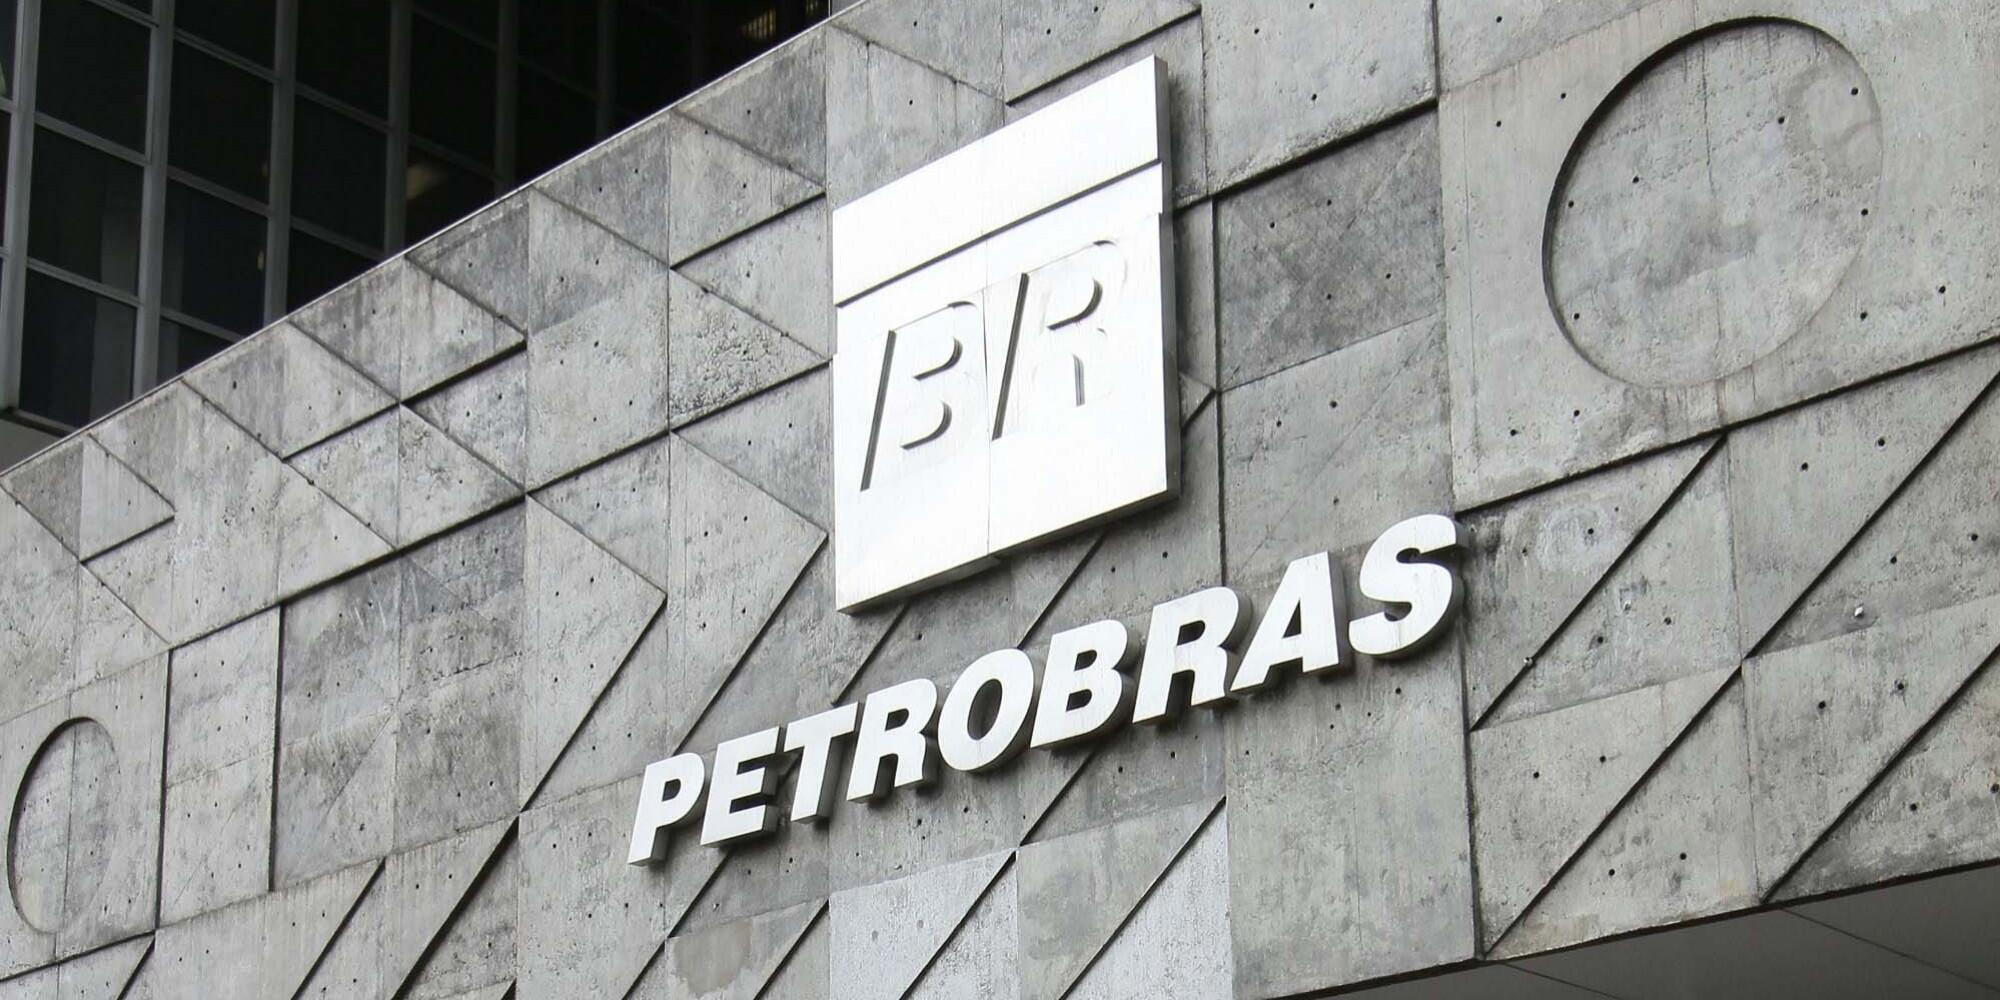 L'entreprise pétrolière brésilienne Petrobras dans la tourmente.